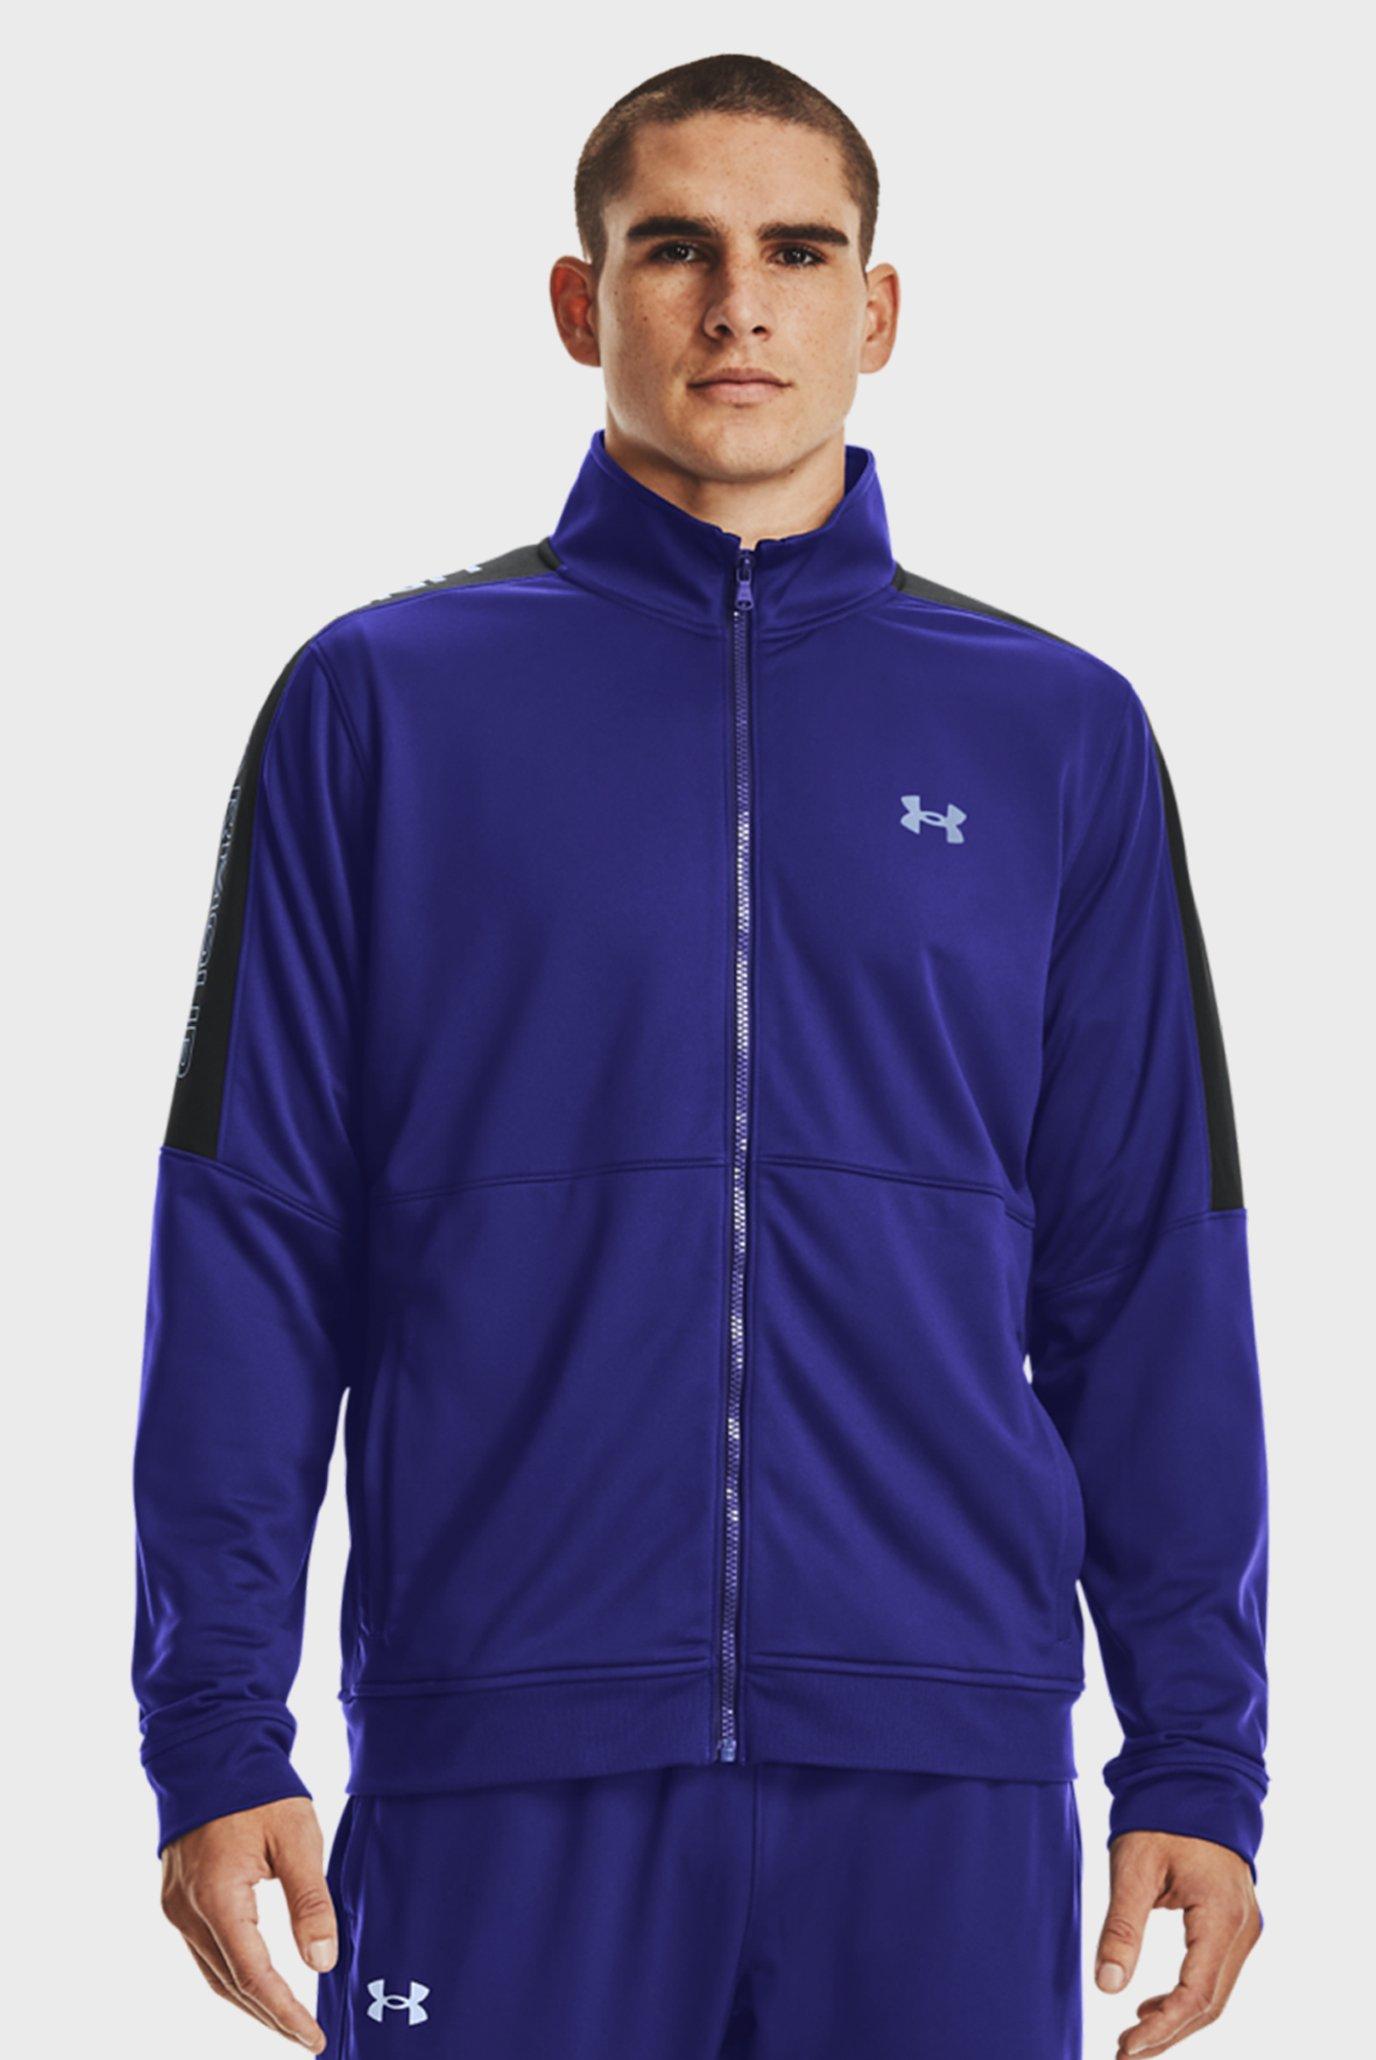 Мужская синяя спортивная кофта UA SPORTSTYLE GRAPHIC TK JT 1